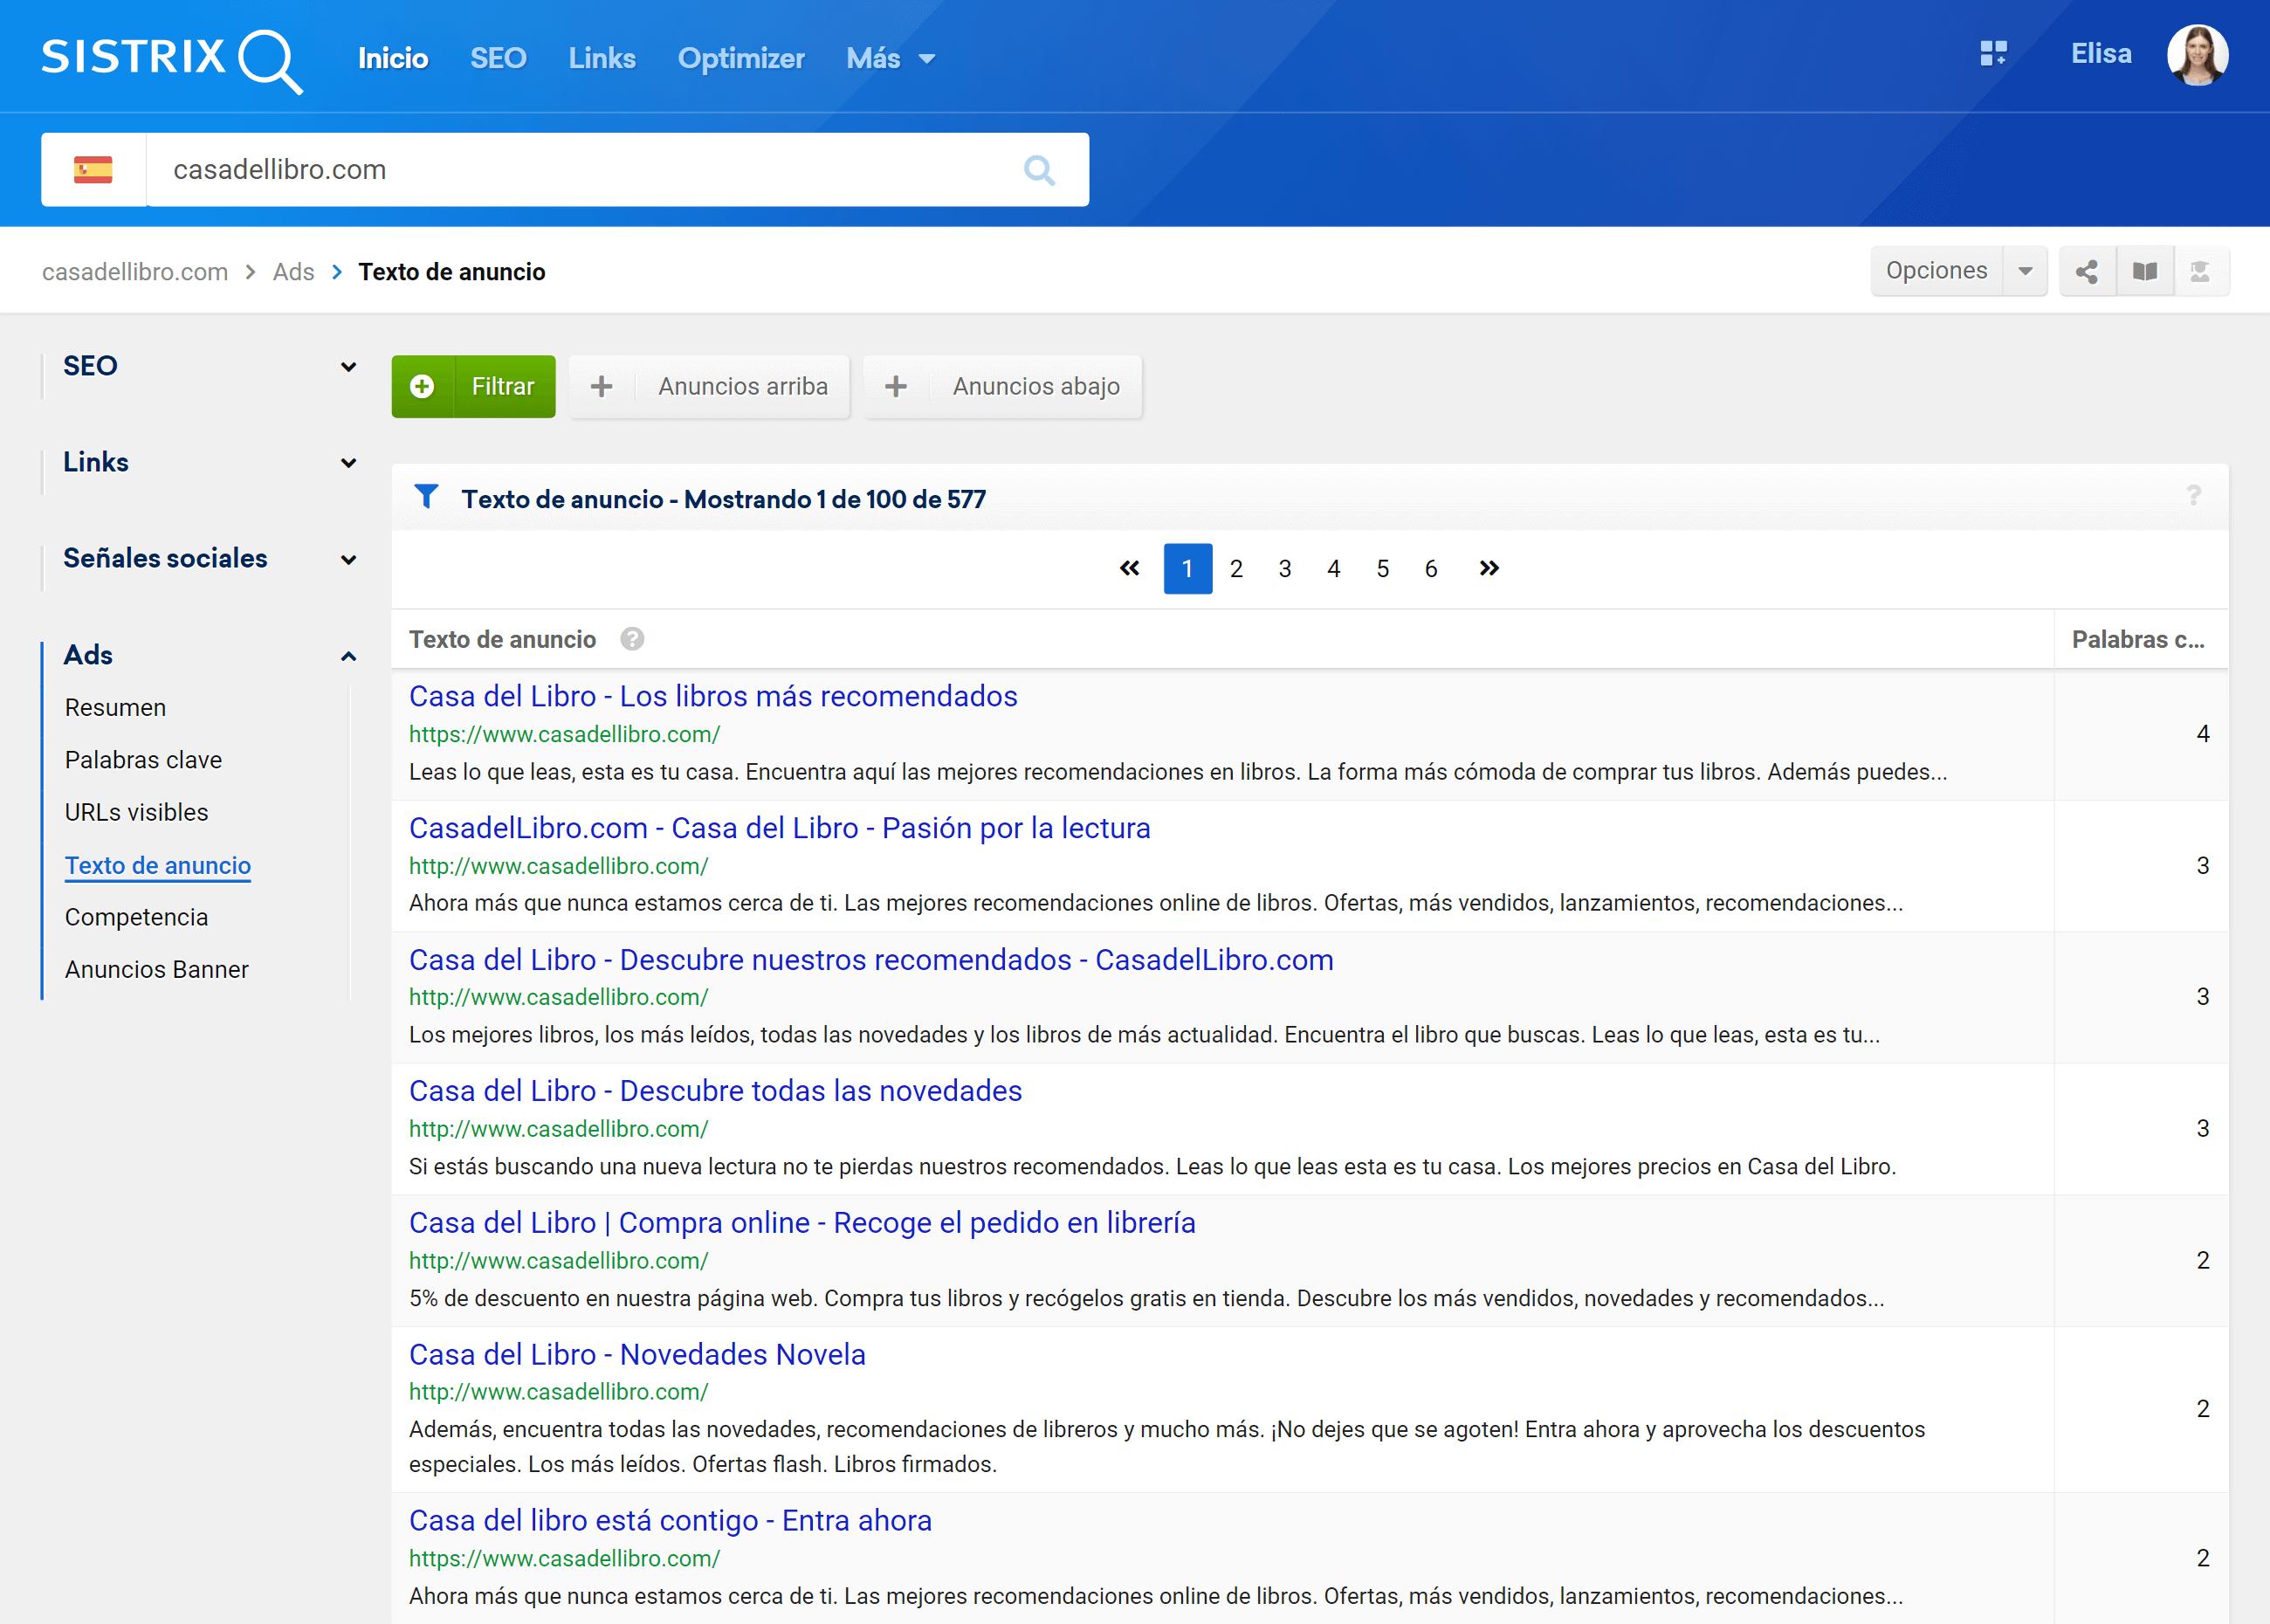 Mostrar todos los anuncios Adwords de la competencia